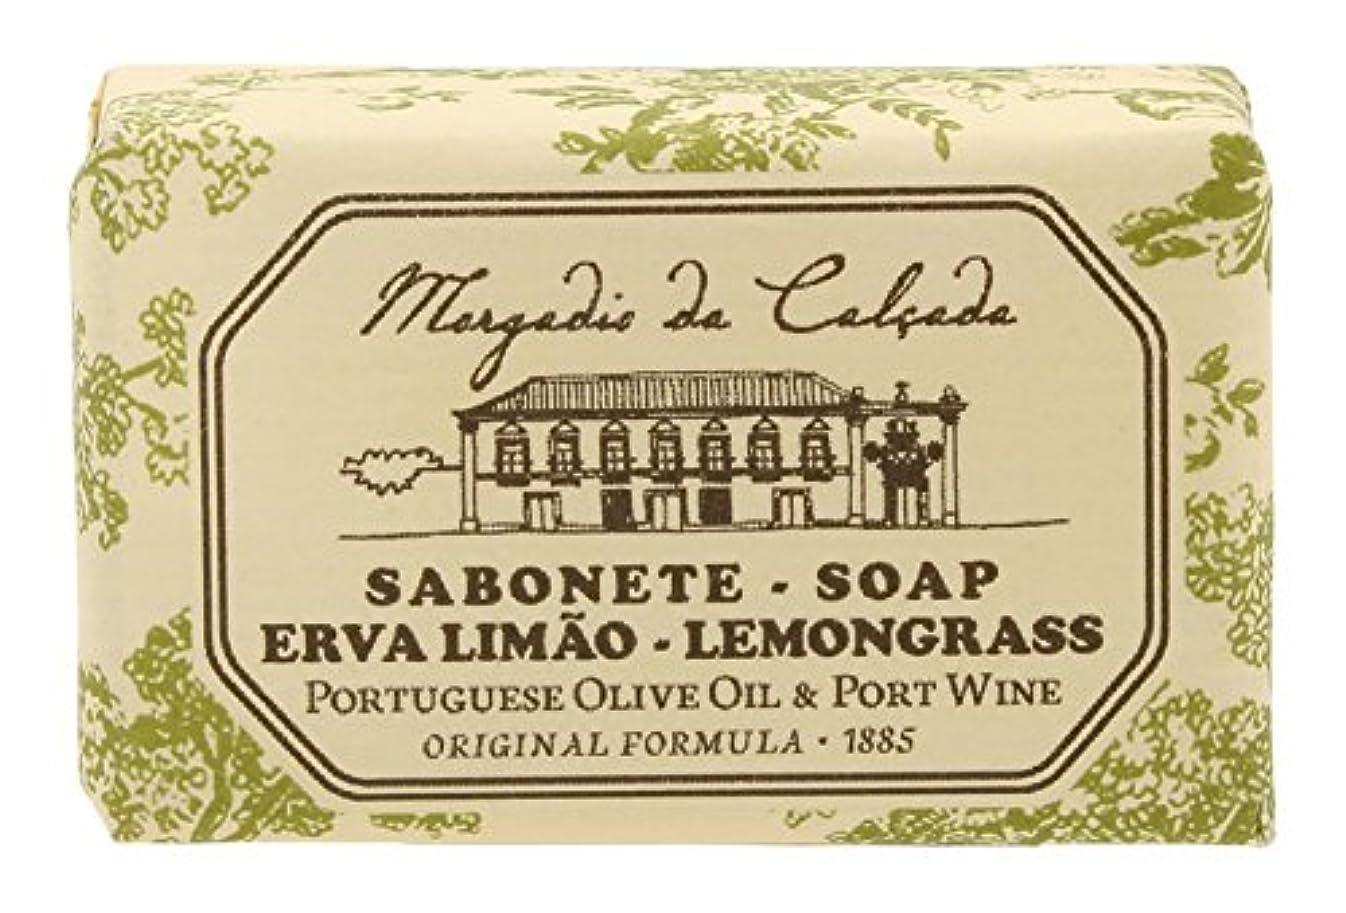 あたたかい地味な添加剤モルガディオ ダ カルサダ ソープ レモングラス 35g